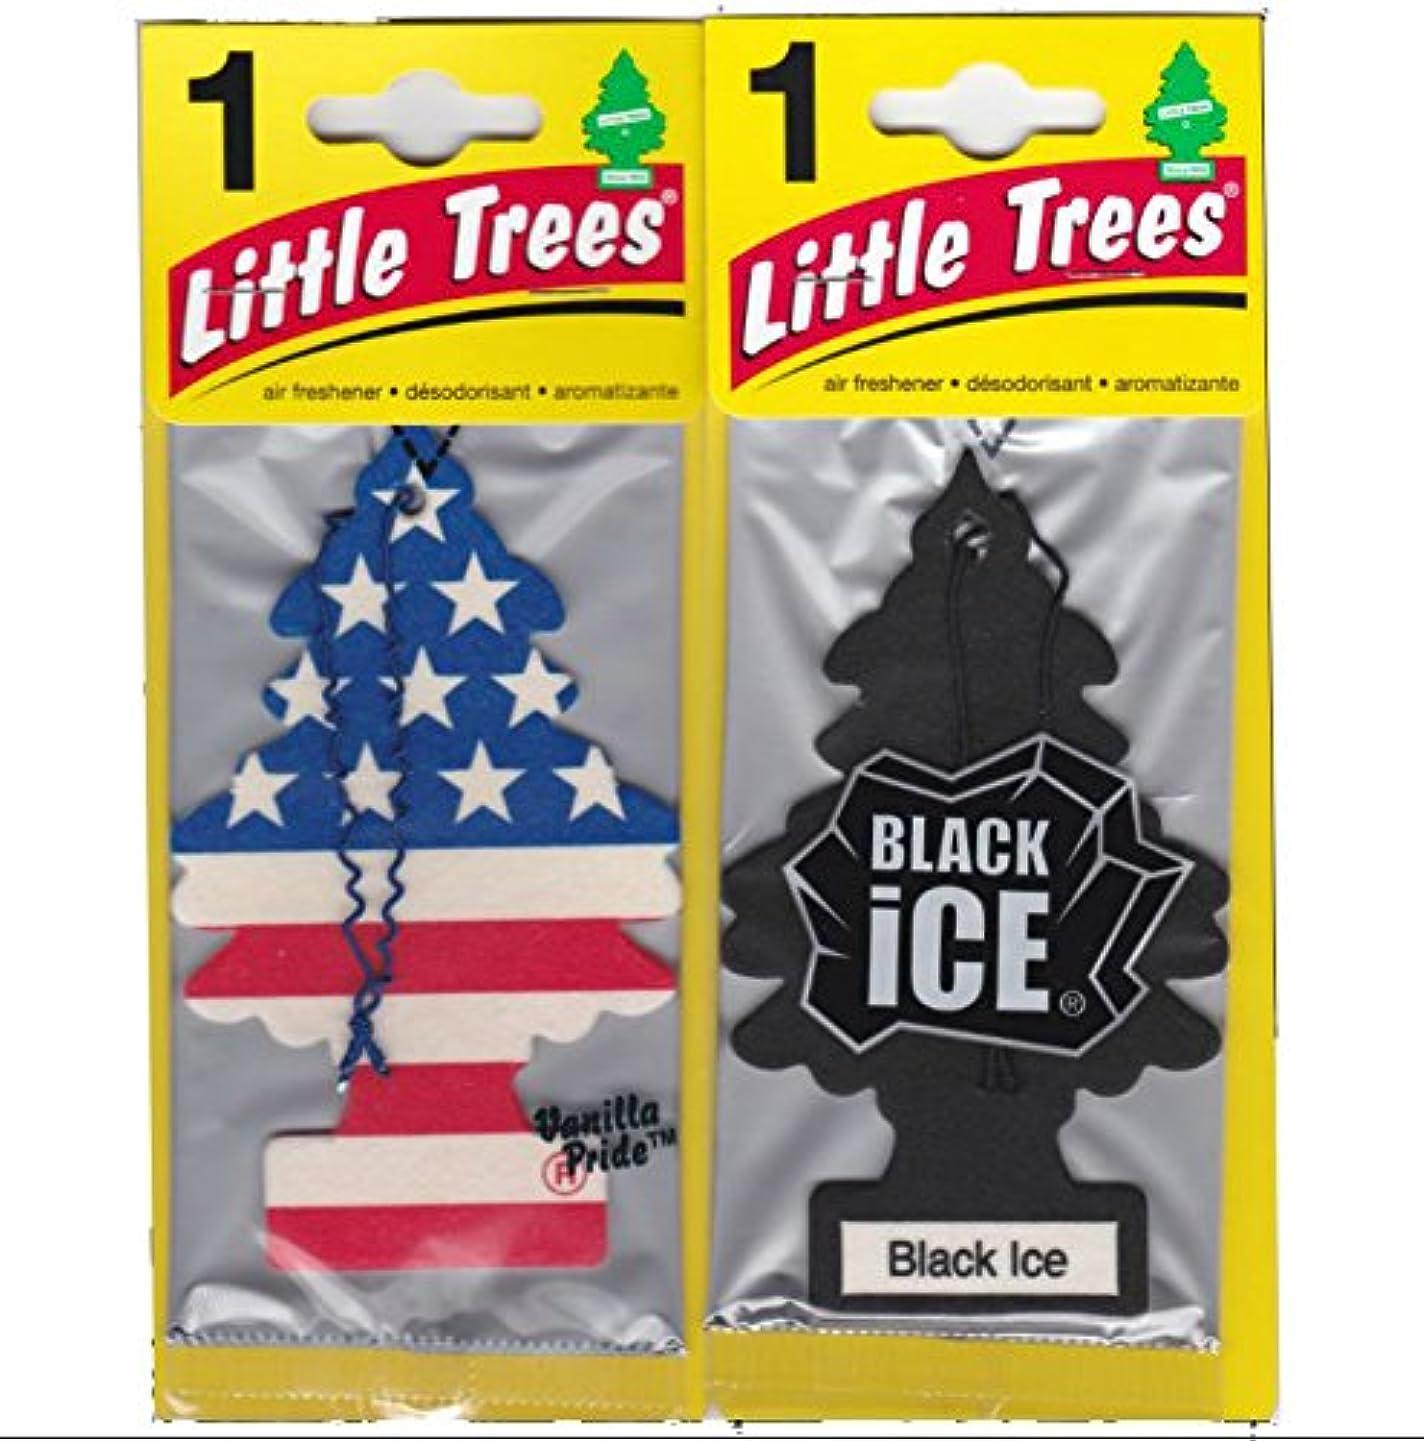 きょうだいホステル特徴づけるLittle Trees 吊下げ式 芳香剤 エアーフレッシュナー ブラックアイス & バニラプライド [並行輸入品]